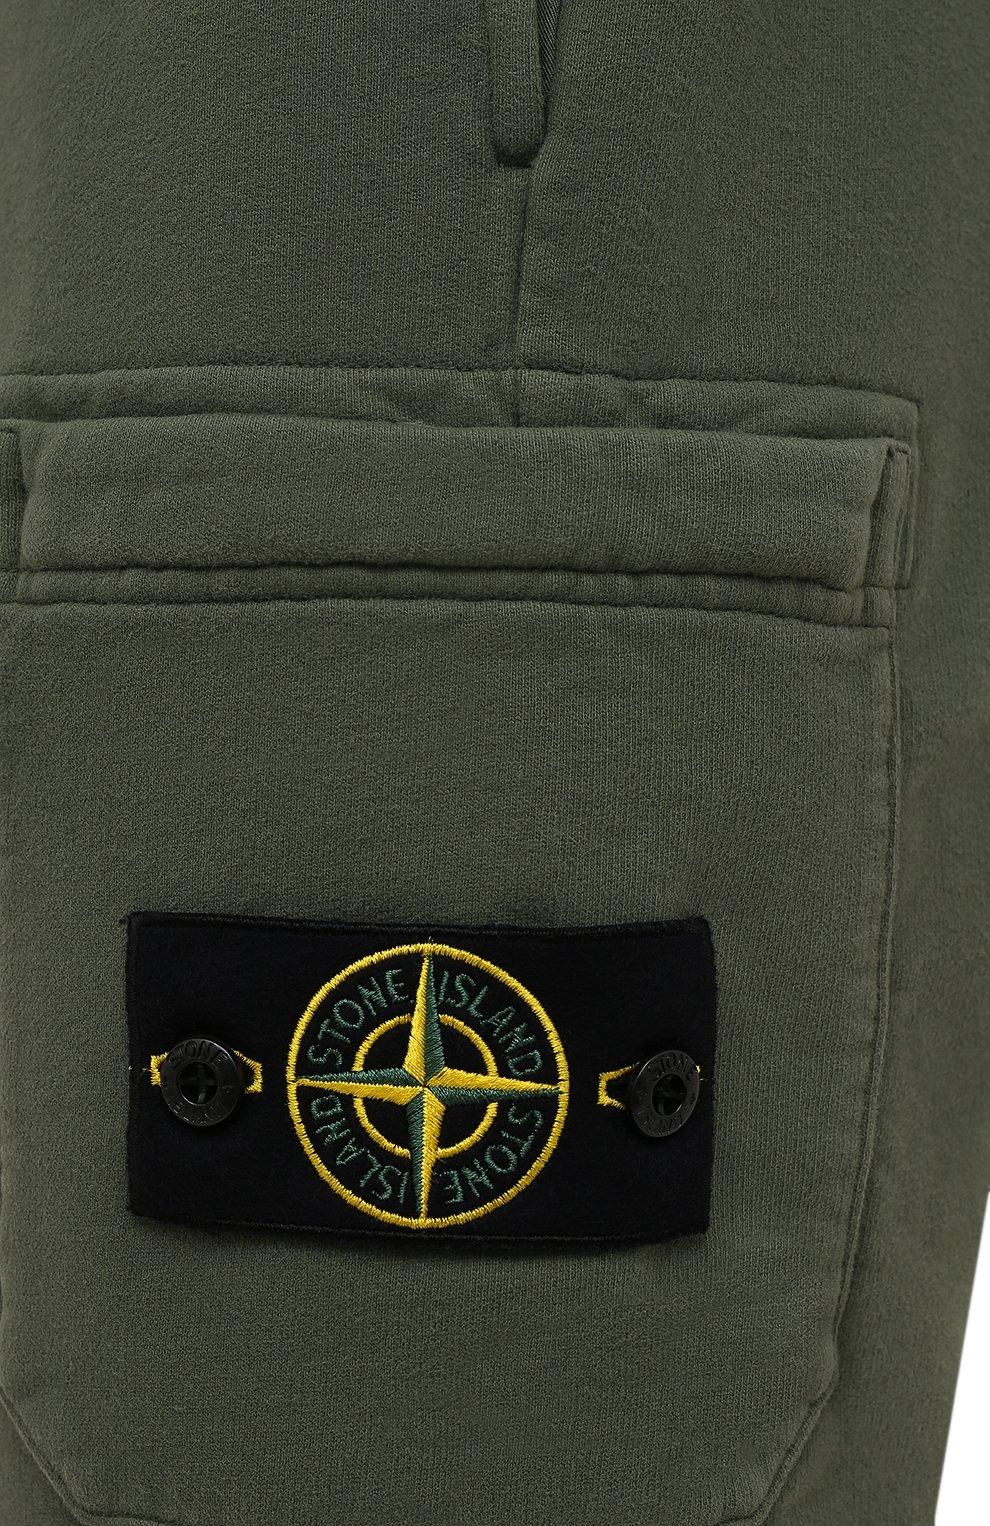 Мужские хлопковые шорты STONE ISLAND хаки цвета, арт. 751564620 | Фото 5 (Длина Шорты М: До колена; Принт: Без принта; Кросс-КТ: Трикотаж; Стили: Милитари; Материал внешний: Хлопок)